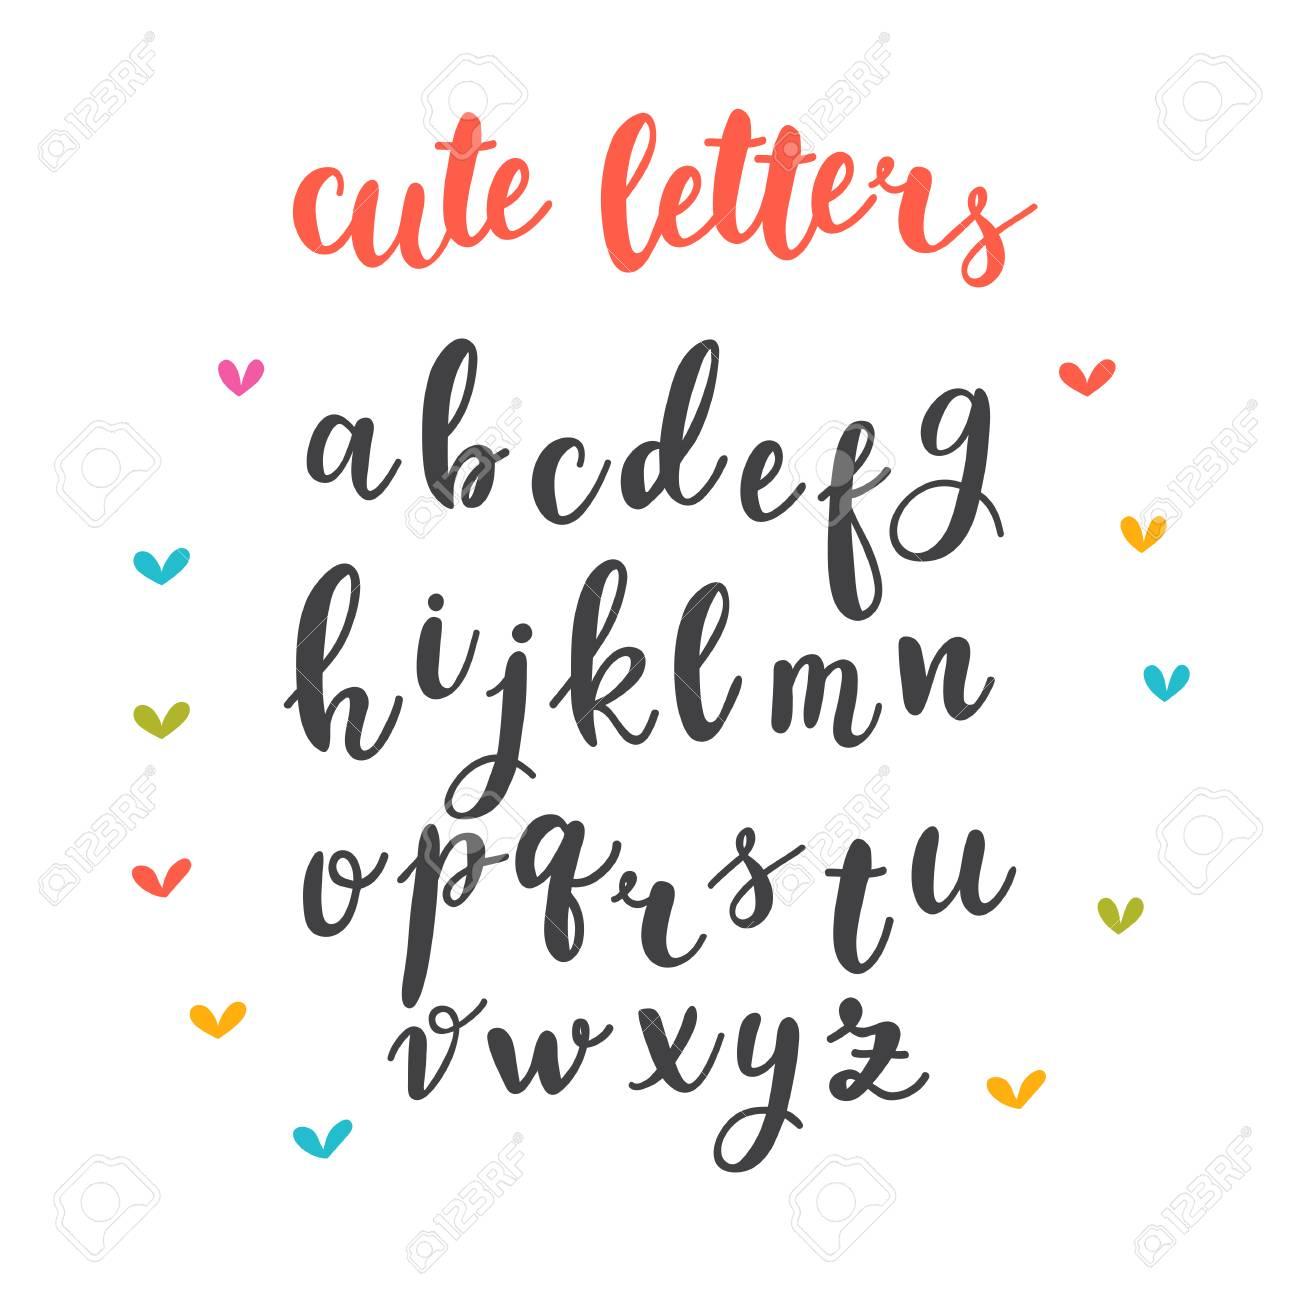 かわいい文字。手描きのカリグラフィ フォントです。文字の